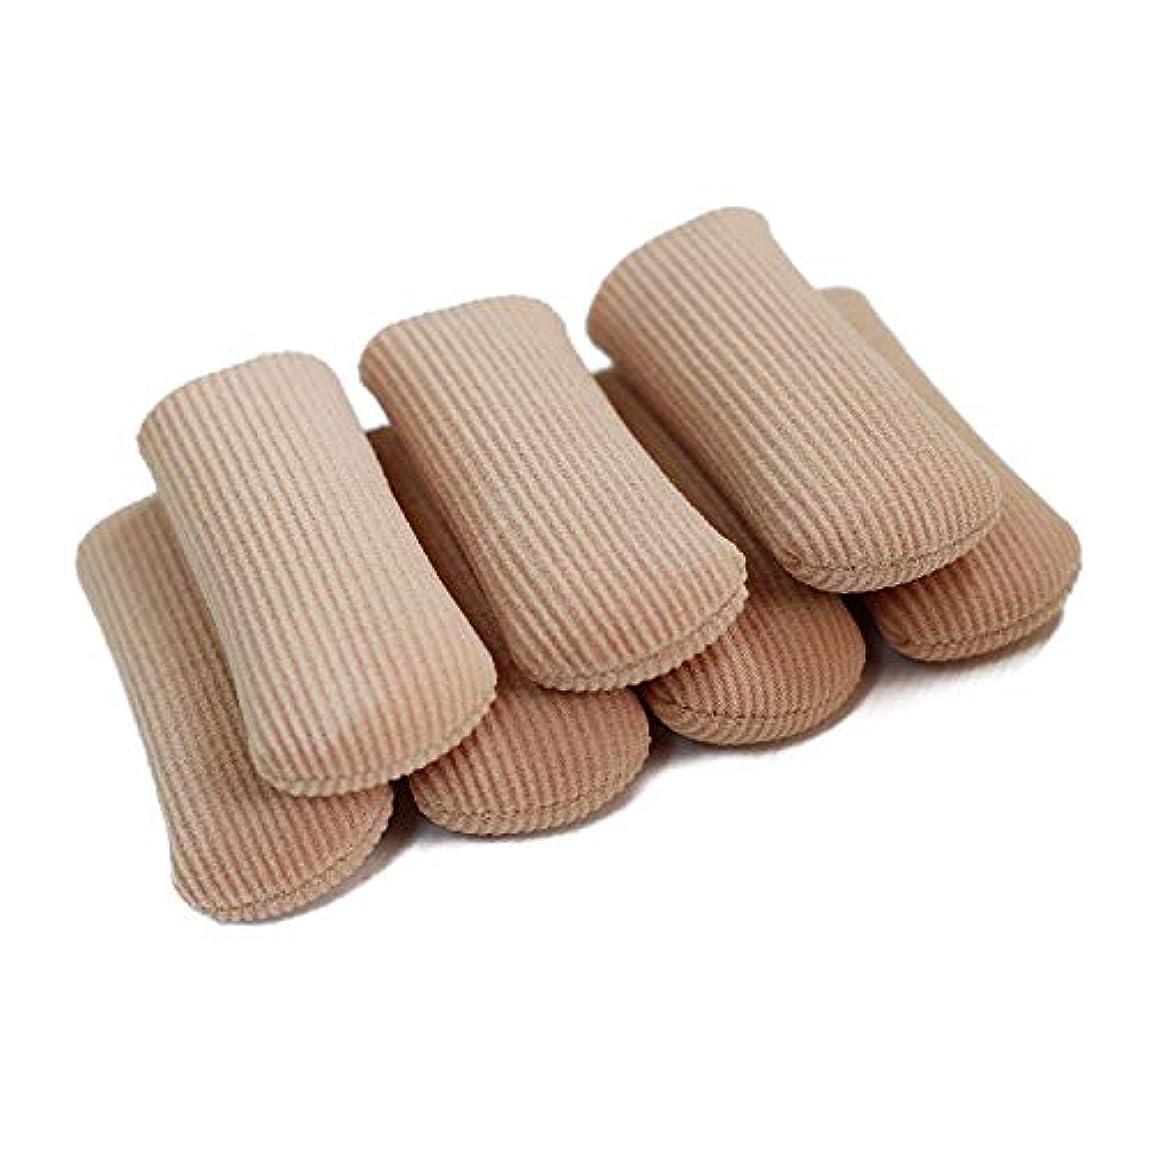 退屈させる閉じ込めるルネッサンス6個入 L 足指保護キャップ 撃吸収 レディース メンズ 男 女性適用